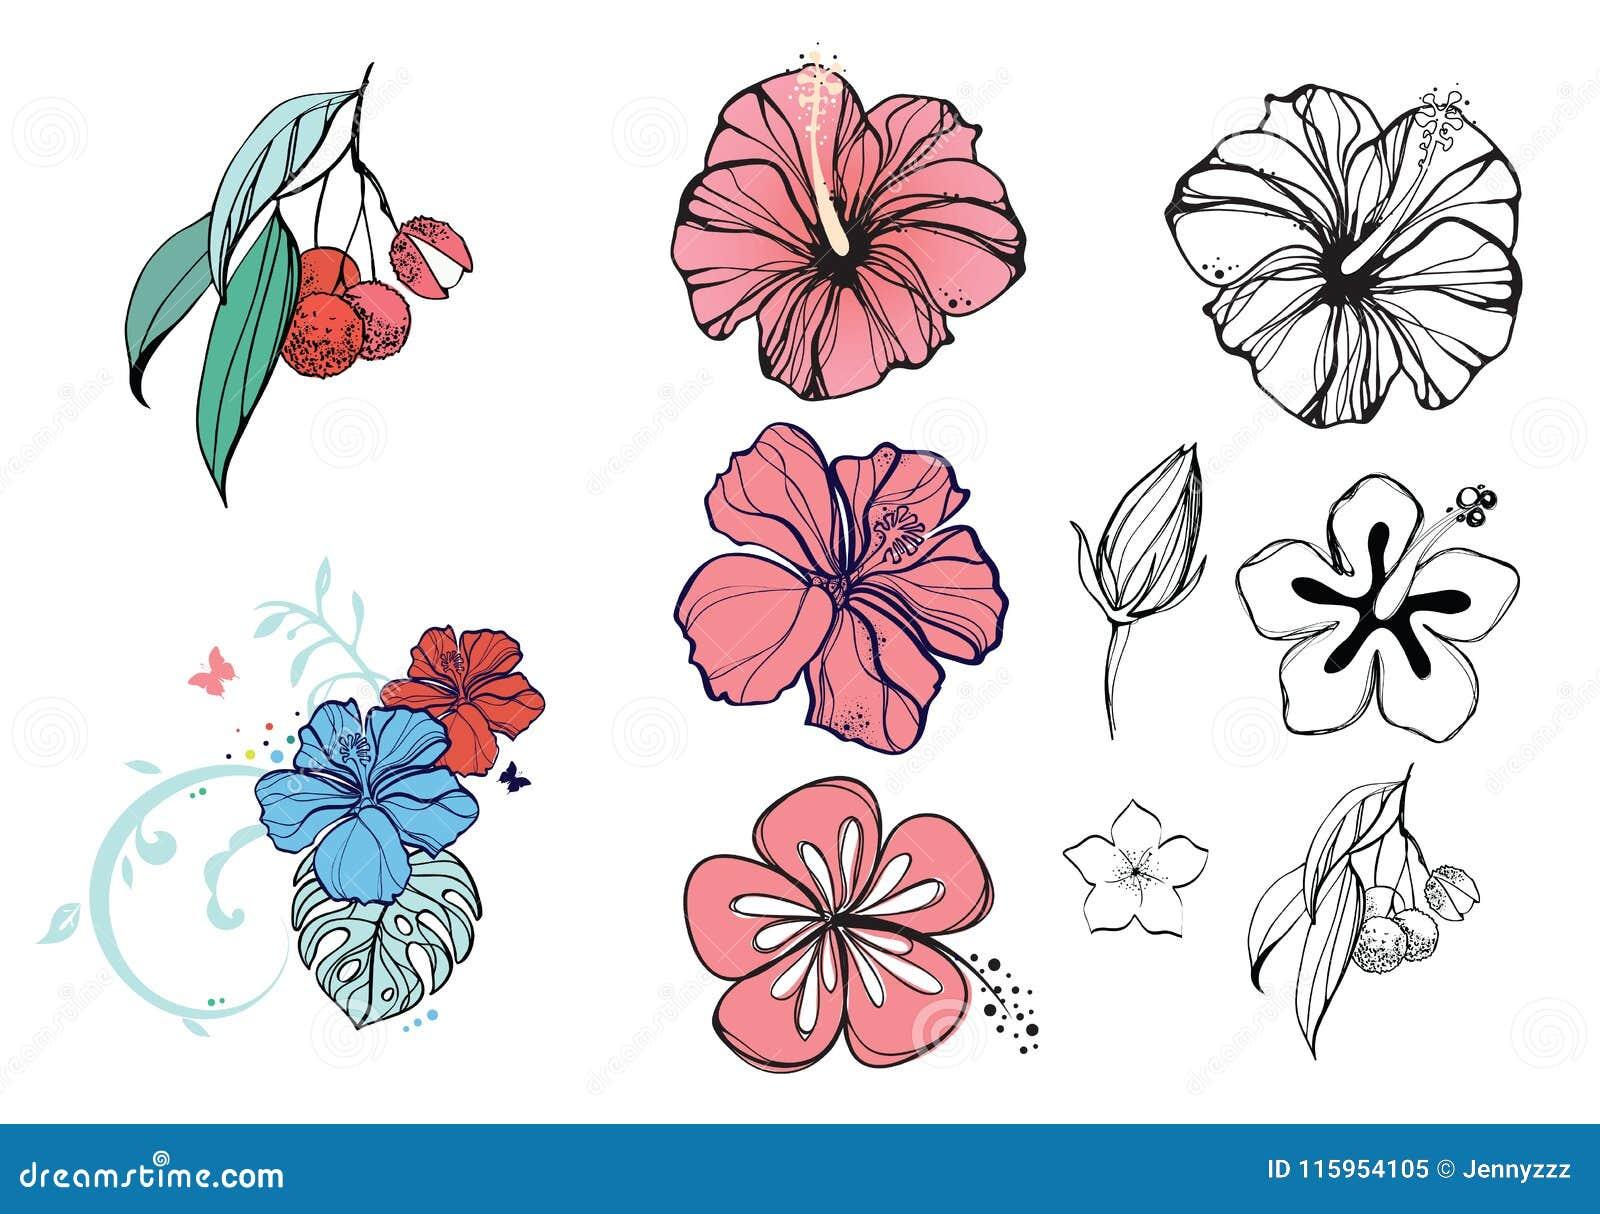 Тропическая иллюстрация с цветками и ягодами, гибискусом, lychee